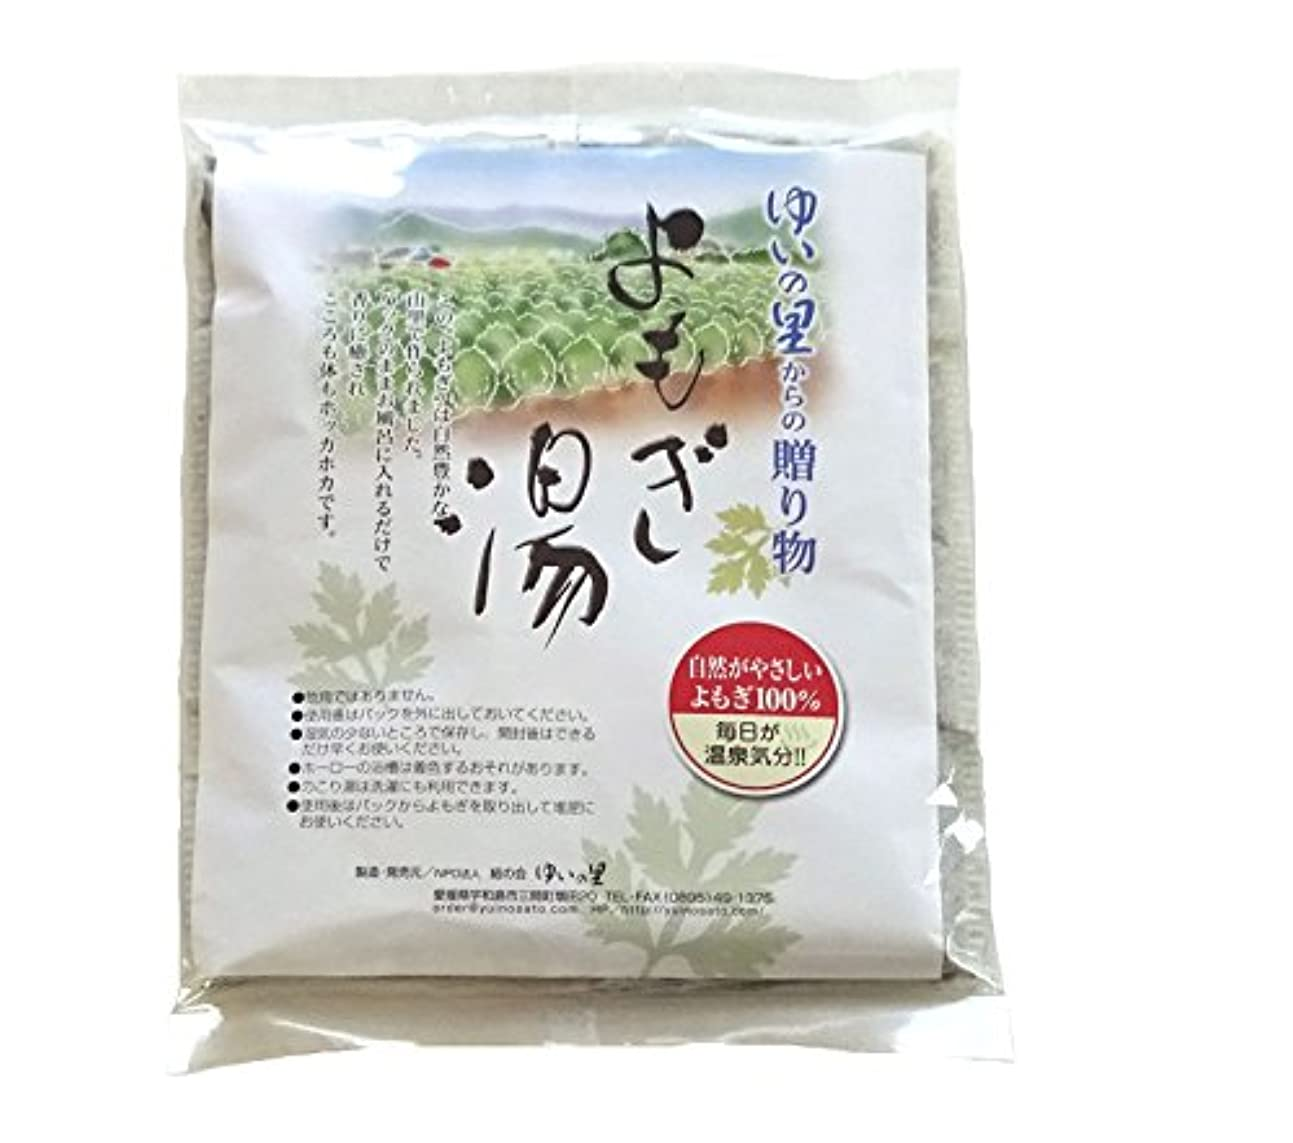 原稿エコー公平よもぎ湯入浴パック (10パック入) 愛媛県産 自家栽培よもぎ100%使用